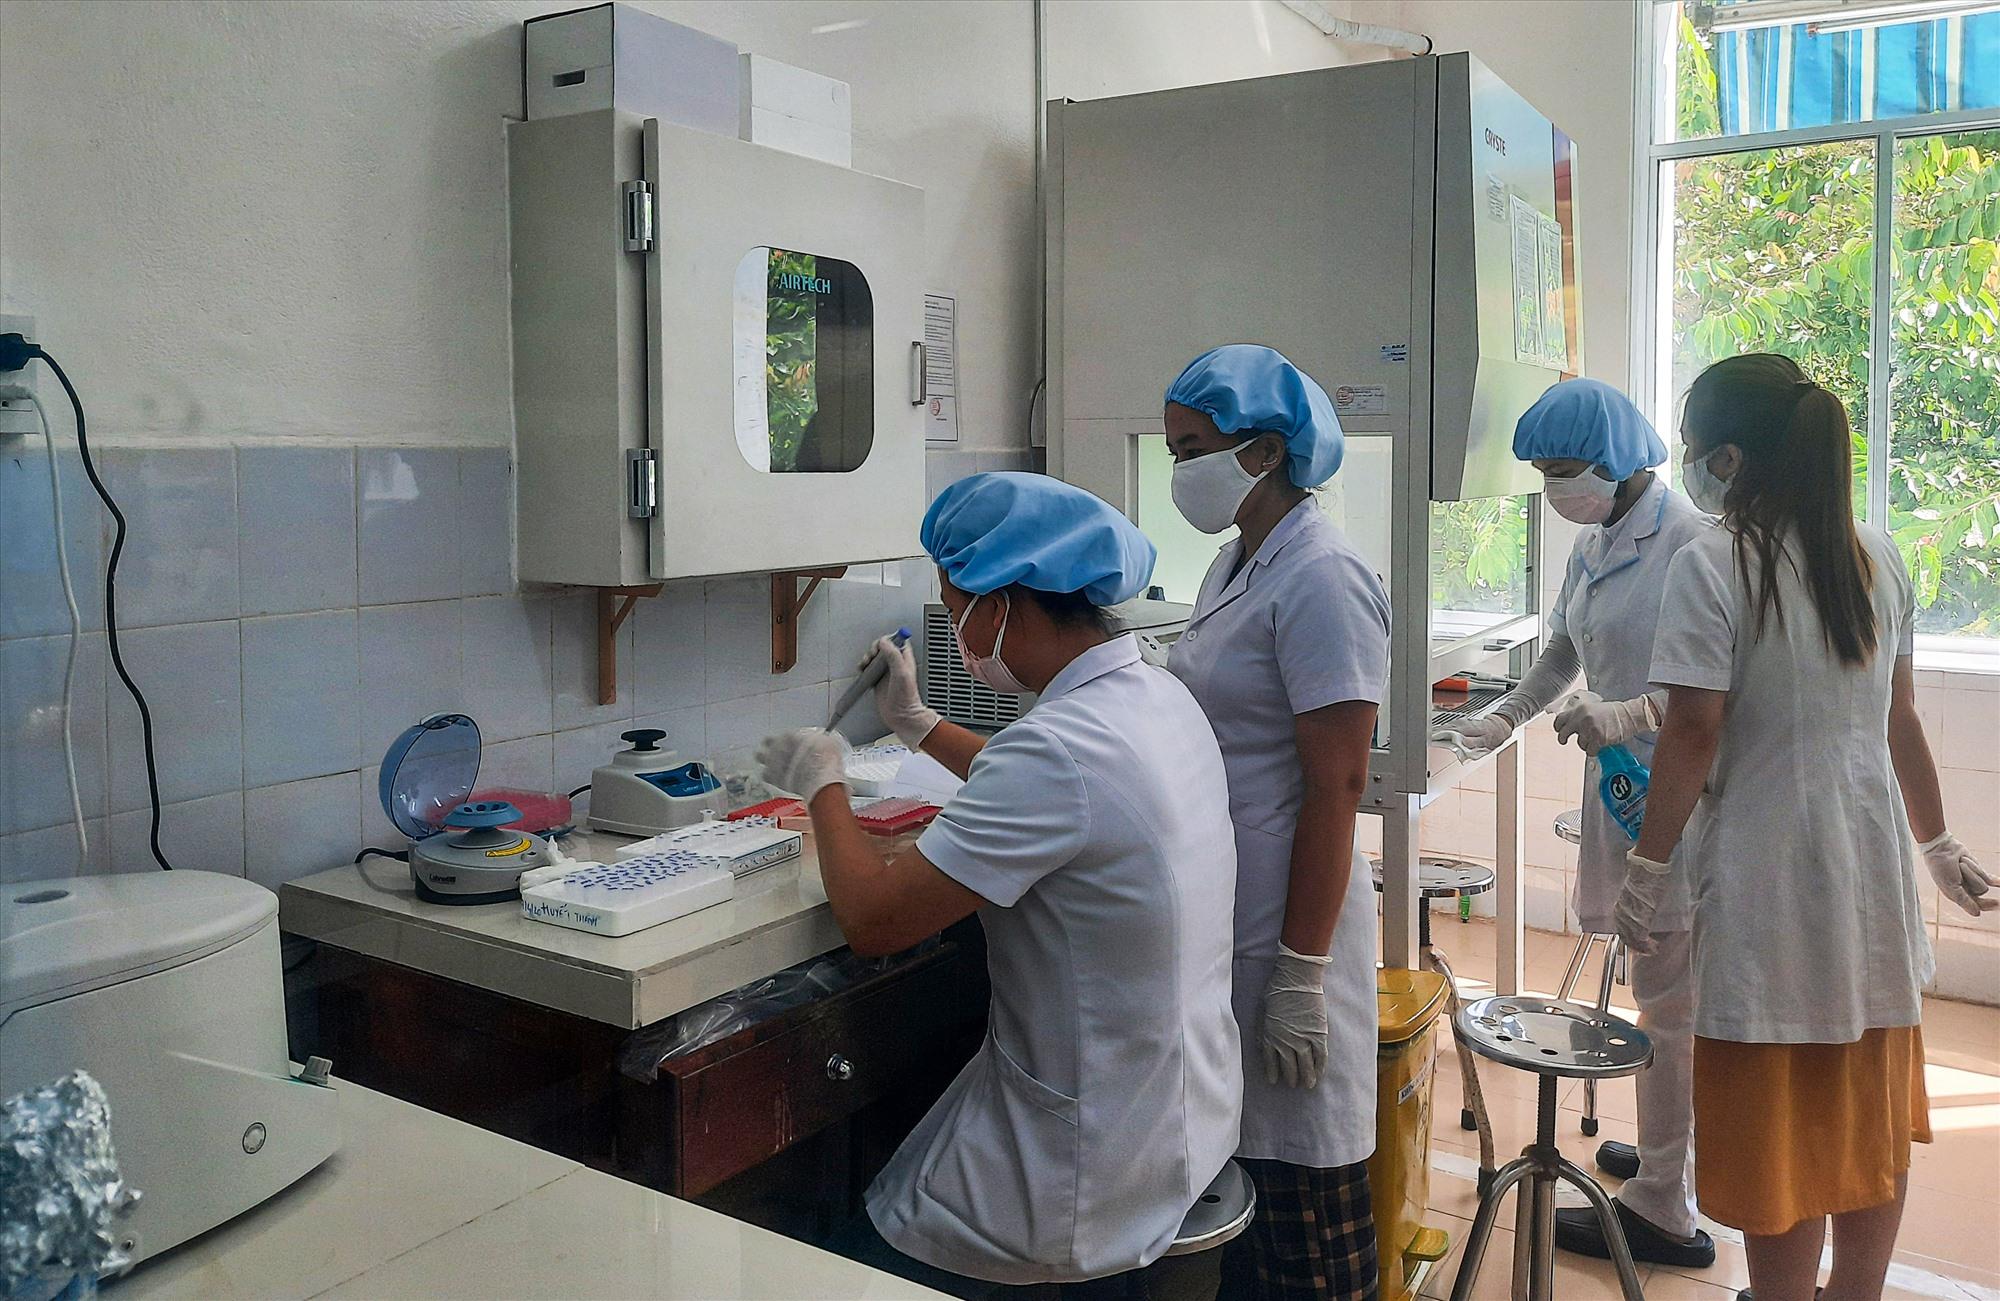 Năng lực xét nghiệm, chẩn đoán đang được nâng cao trước tình hình diễn biến phức tạp của dịch bệnh Covid-19. Ảnh: T.C